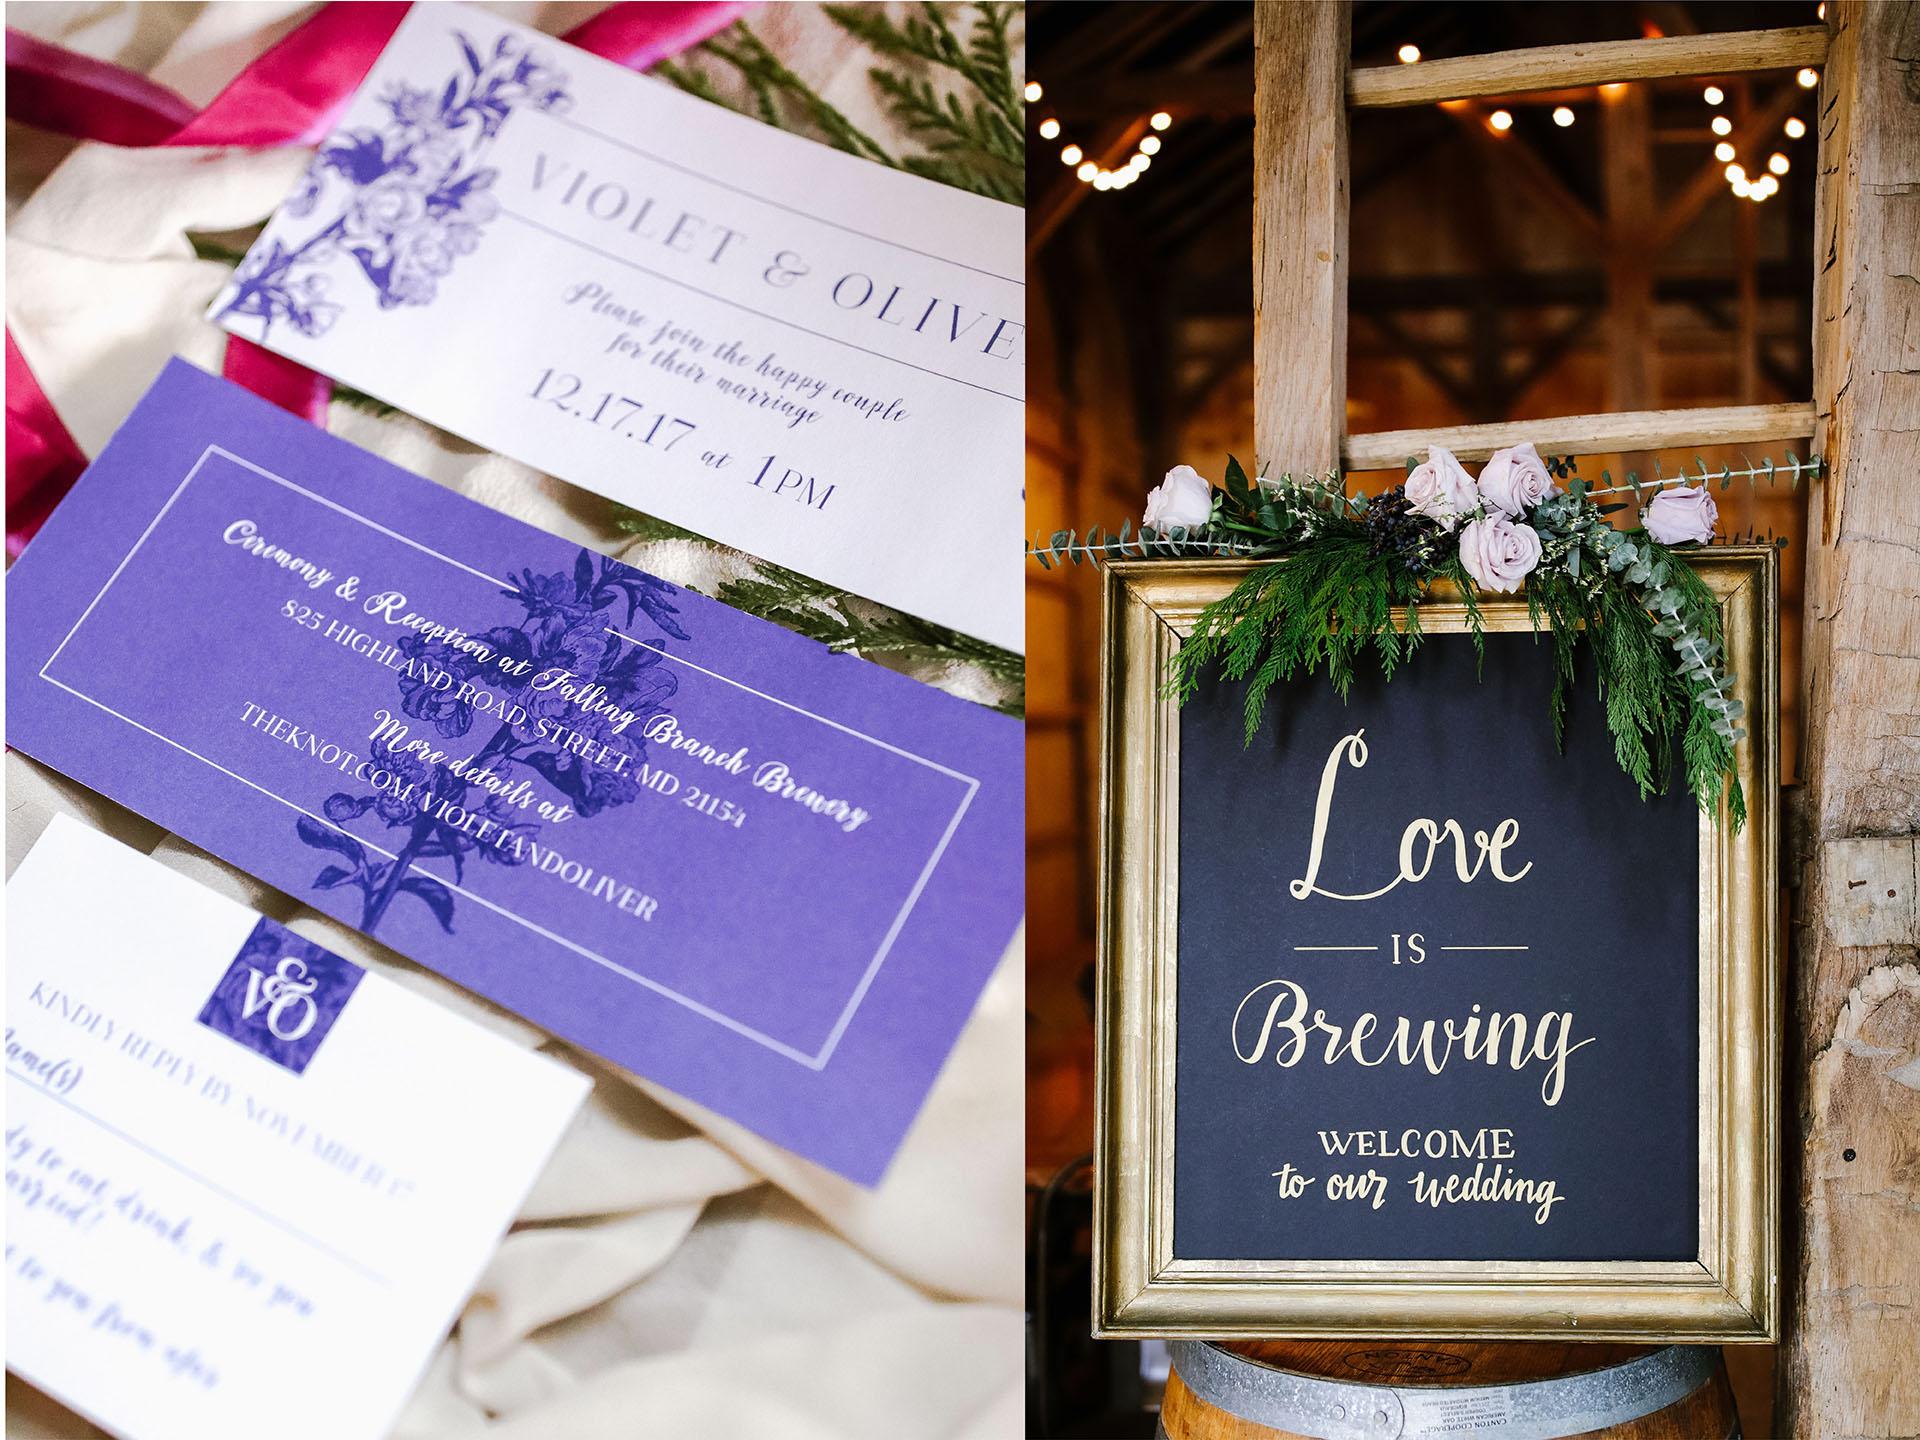 4to3_Weddings-03.jpg